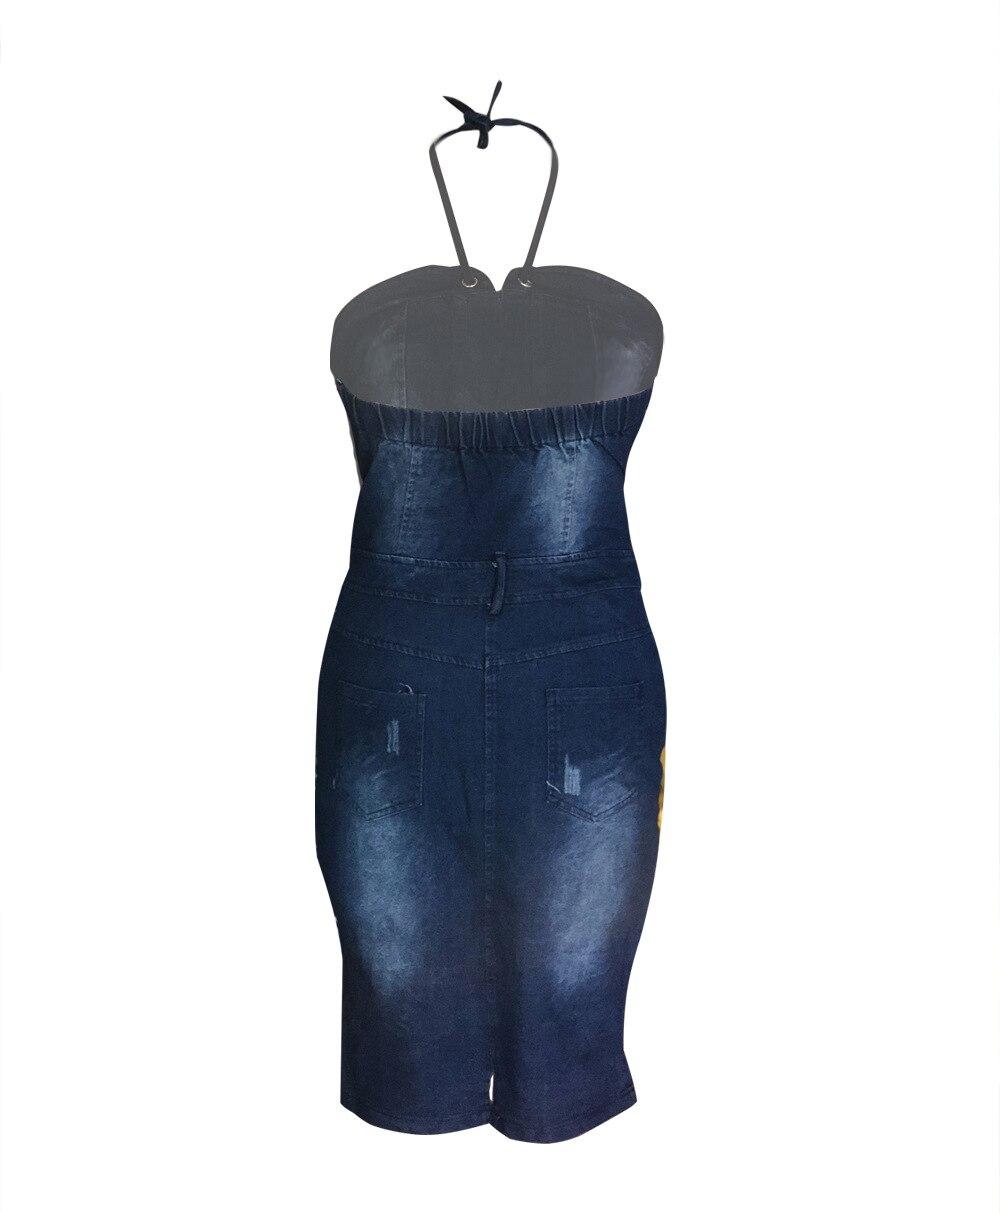 2018 Delgado arnés vaquero bolso cadera vestido Sexy mujer azul Delgado Jeans vestidos de una sola pieza vaquero vintage - 5